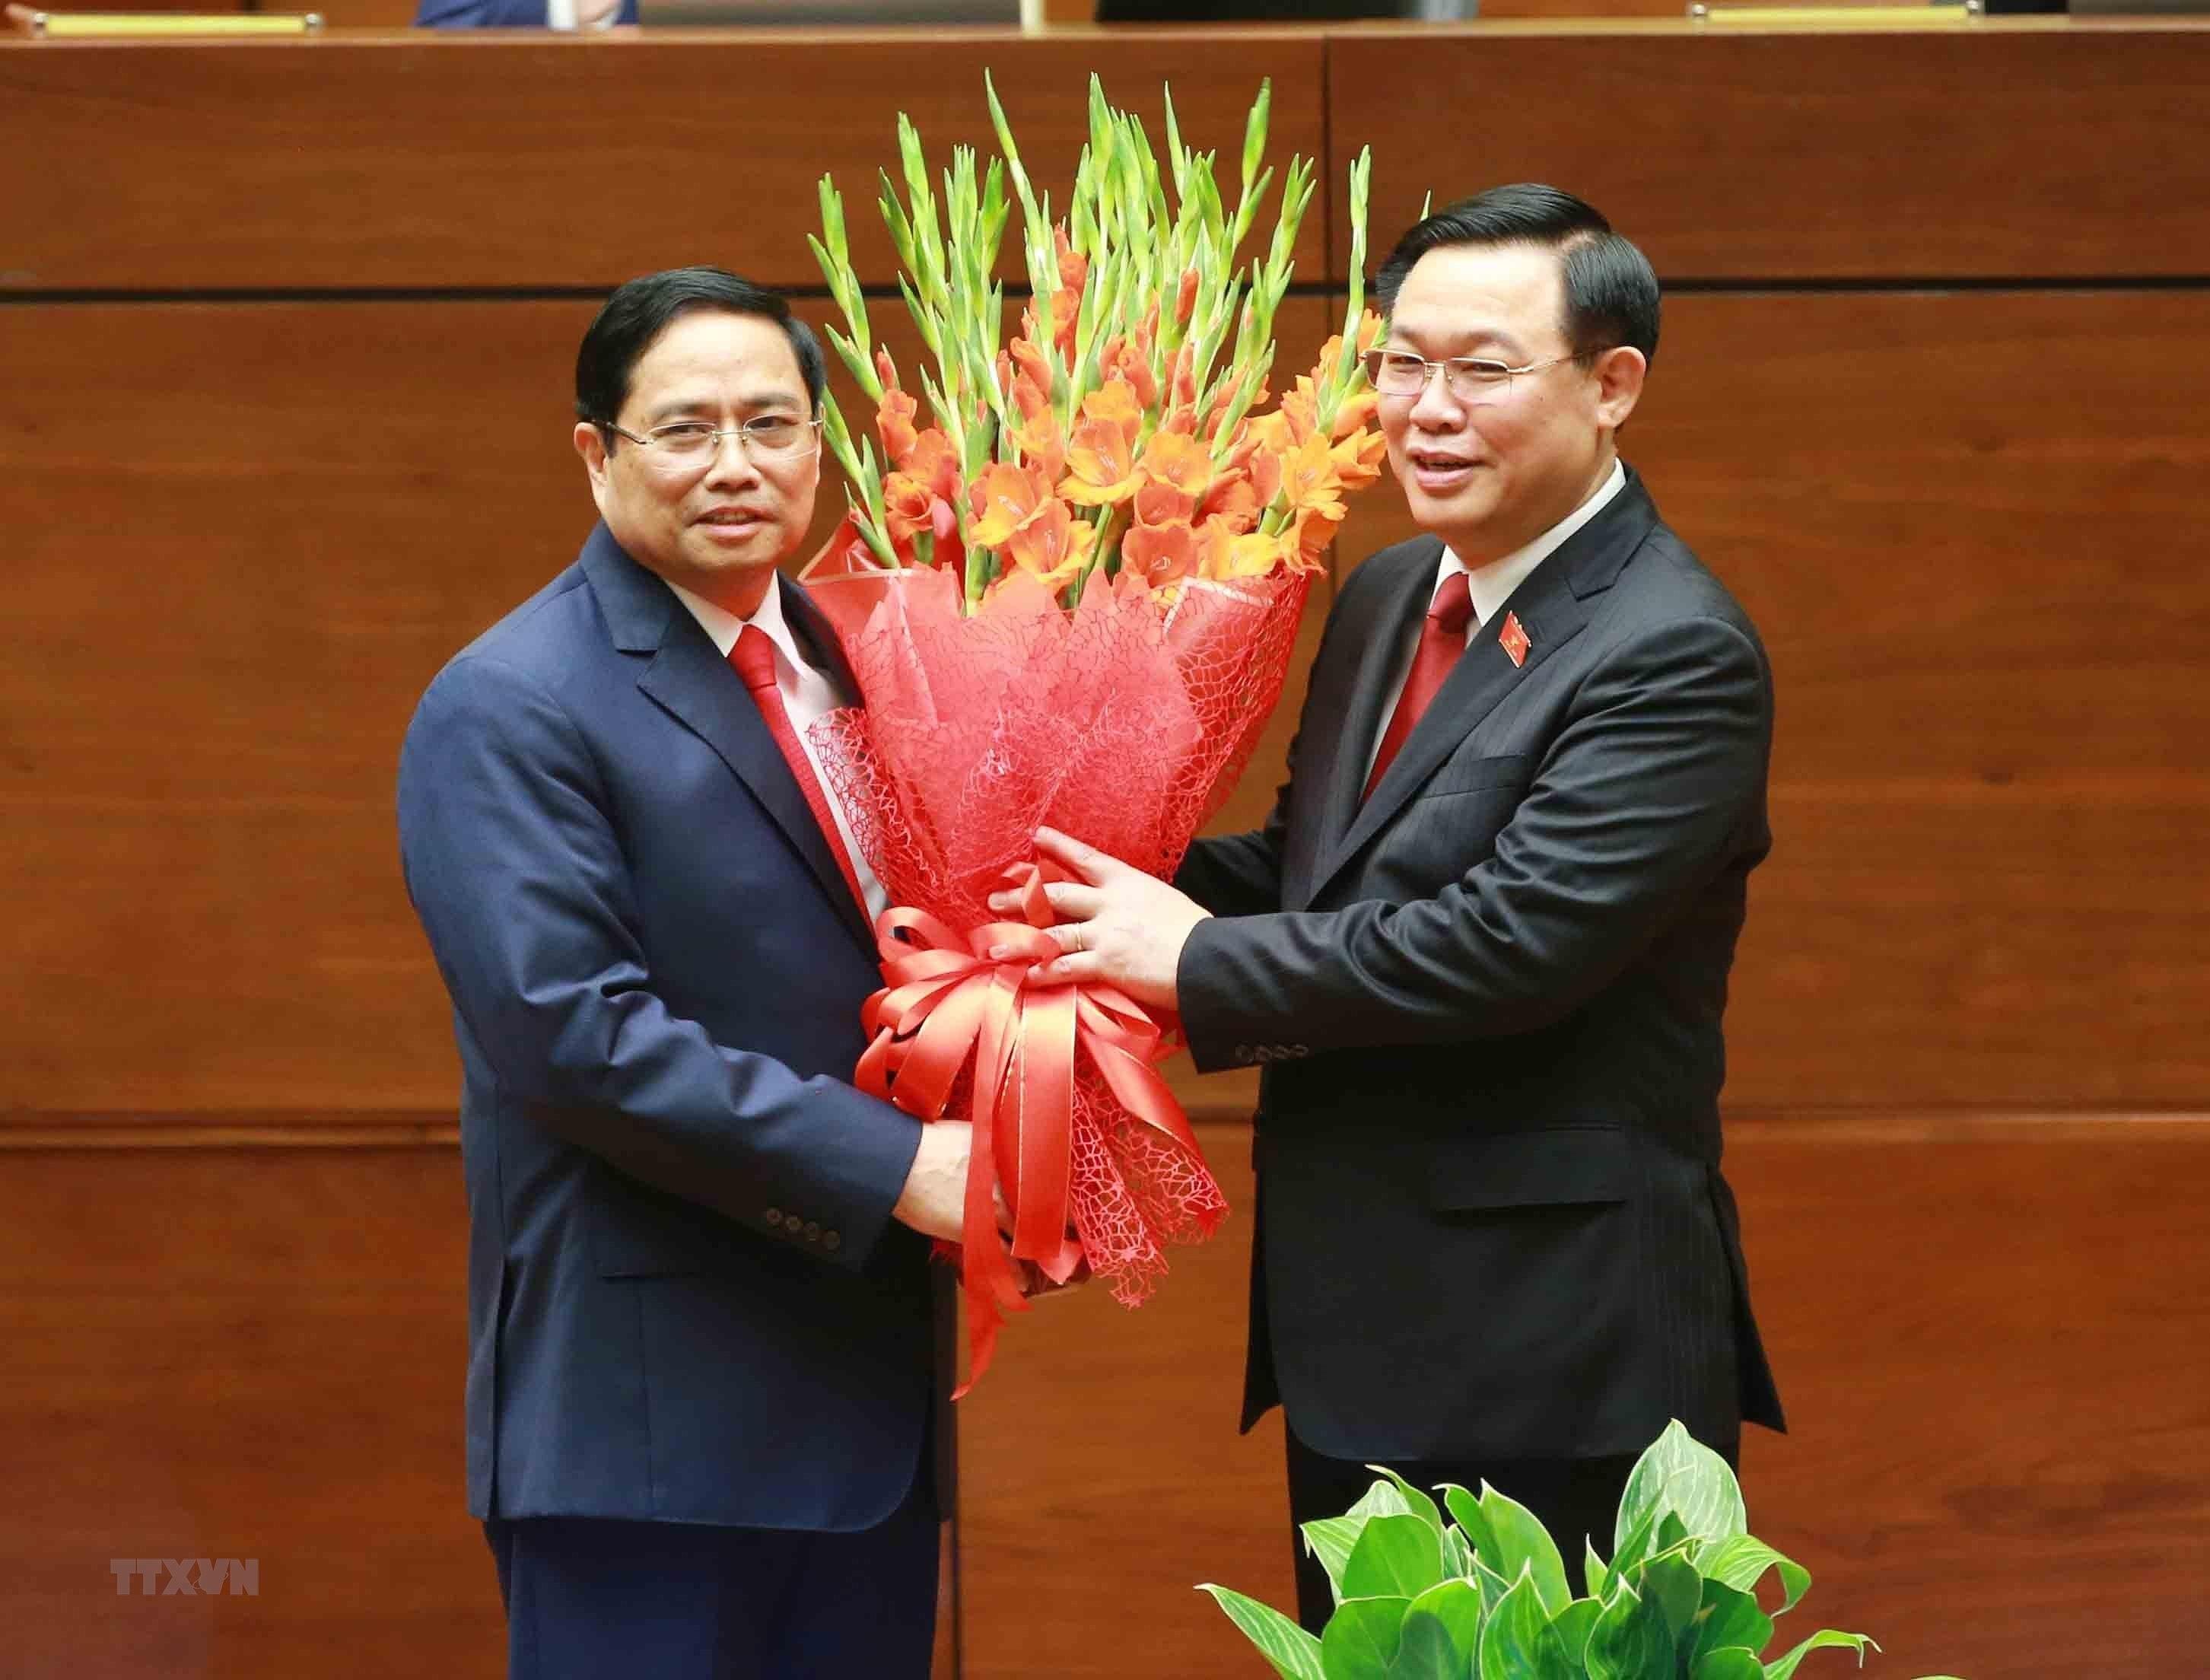 [Photo] Ong Pham Minh Chinh tuyen the nham chuc Thu tuong Chinh phu hinh anh 5